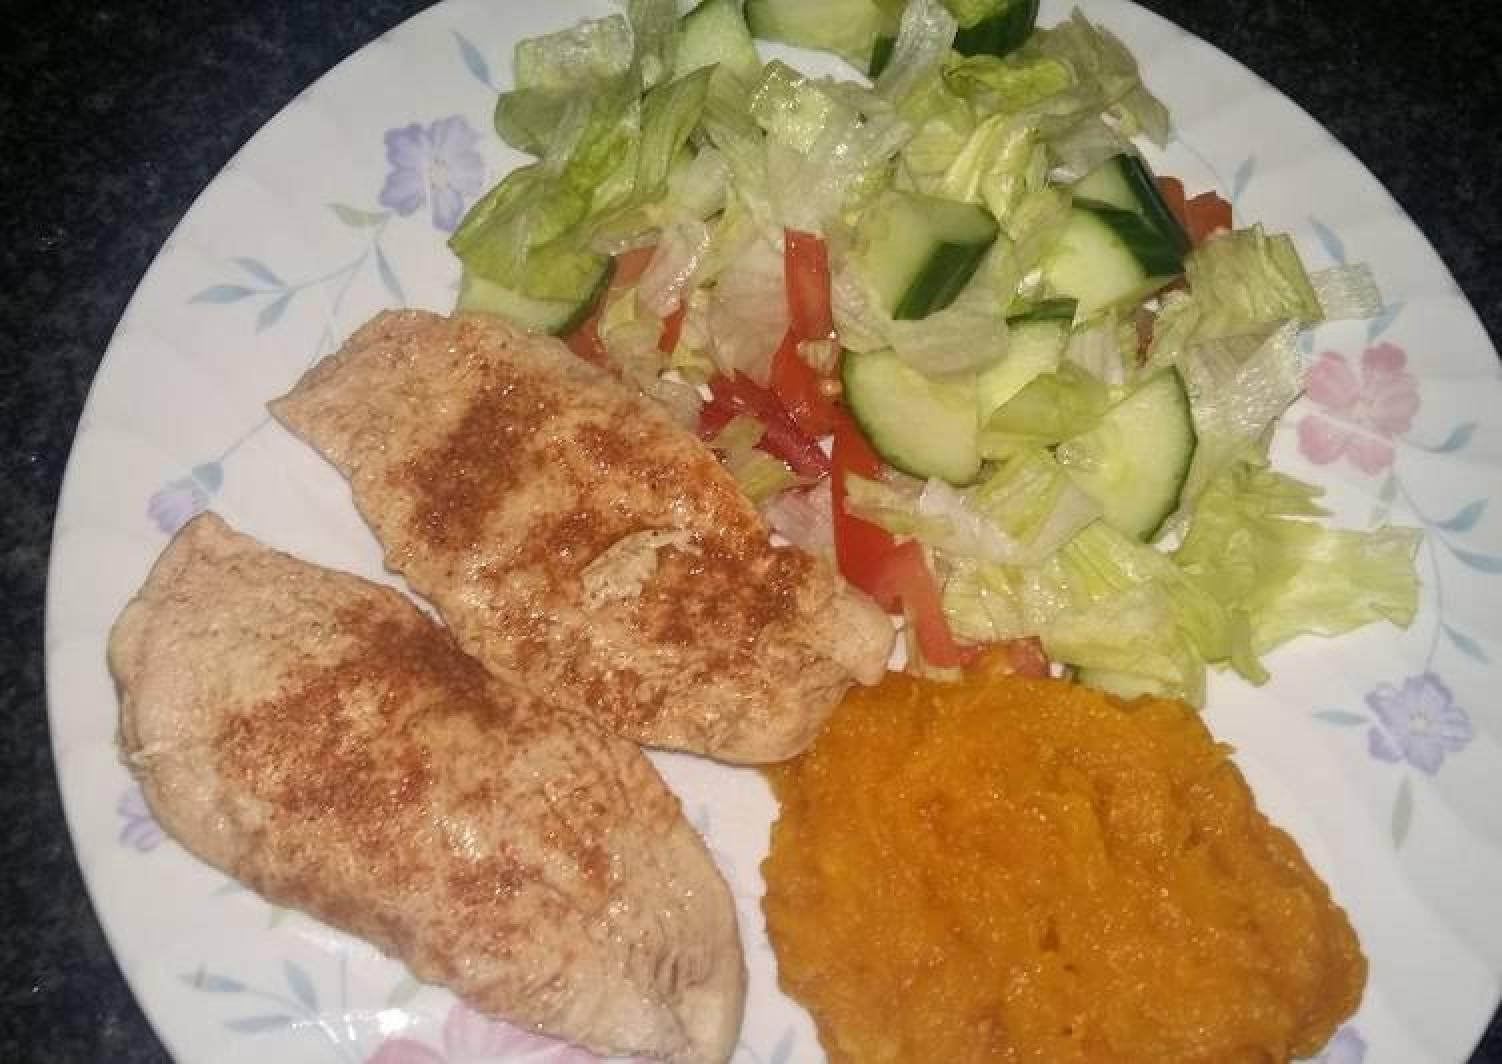 Chicken, pumpkin and salad